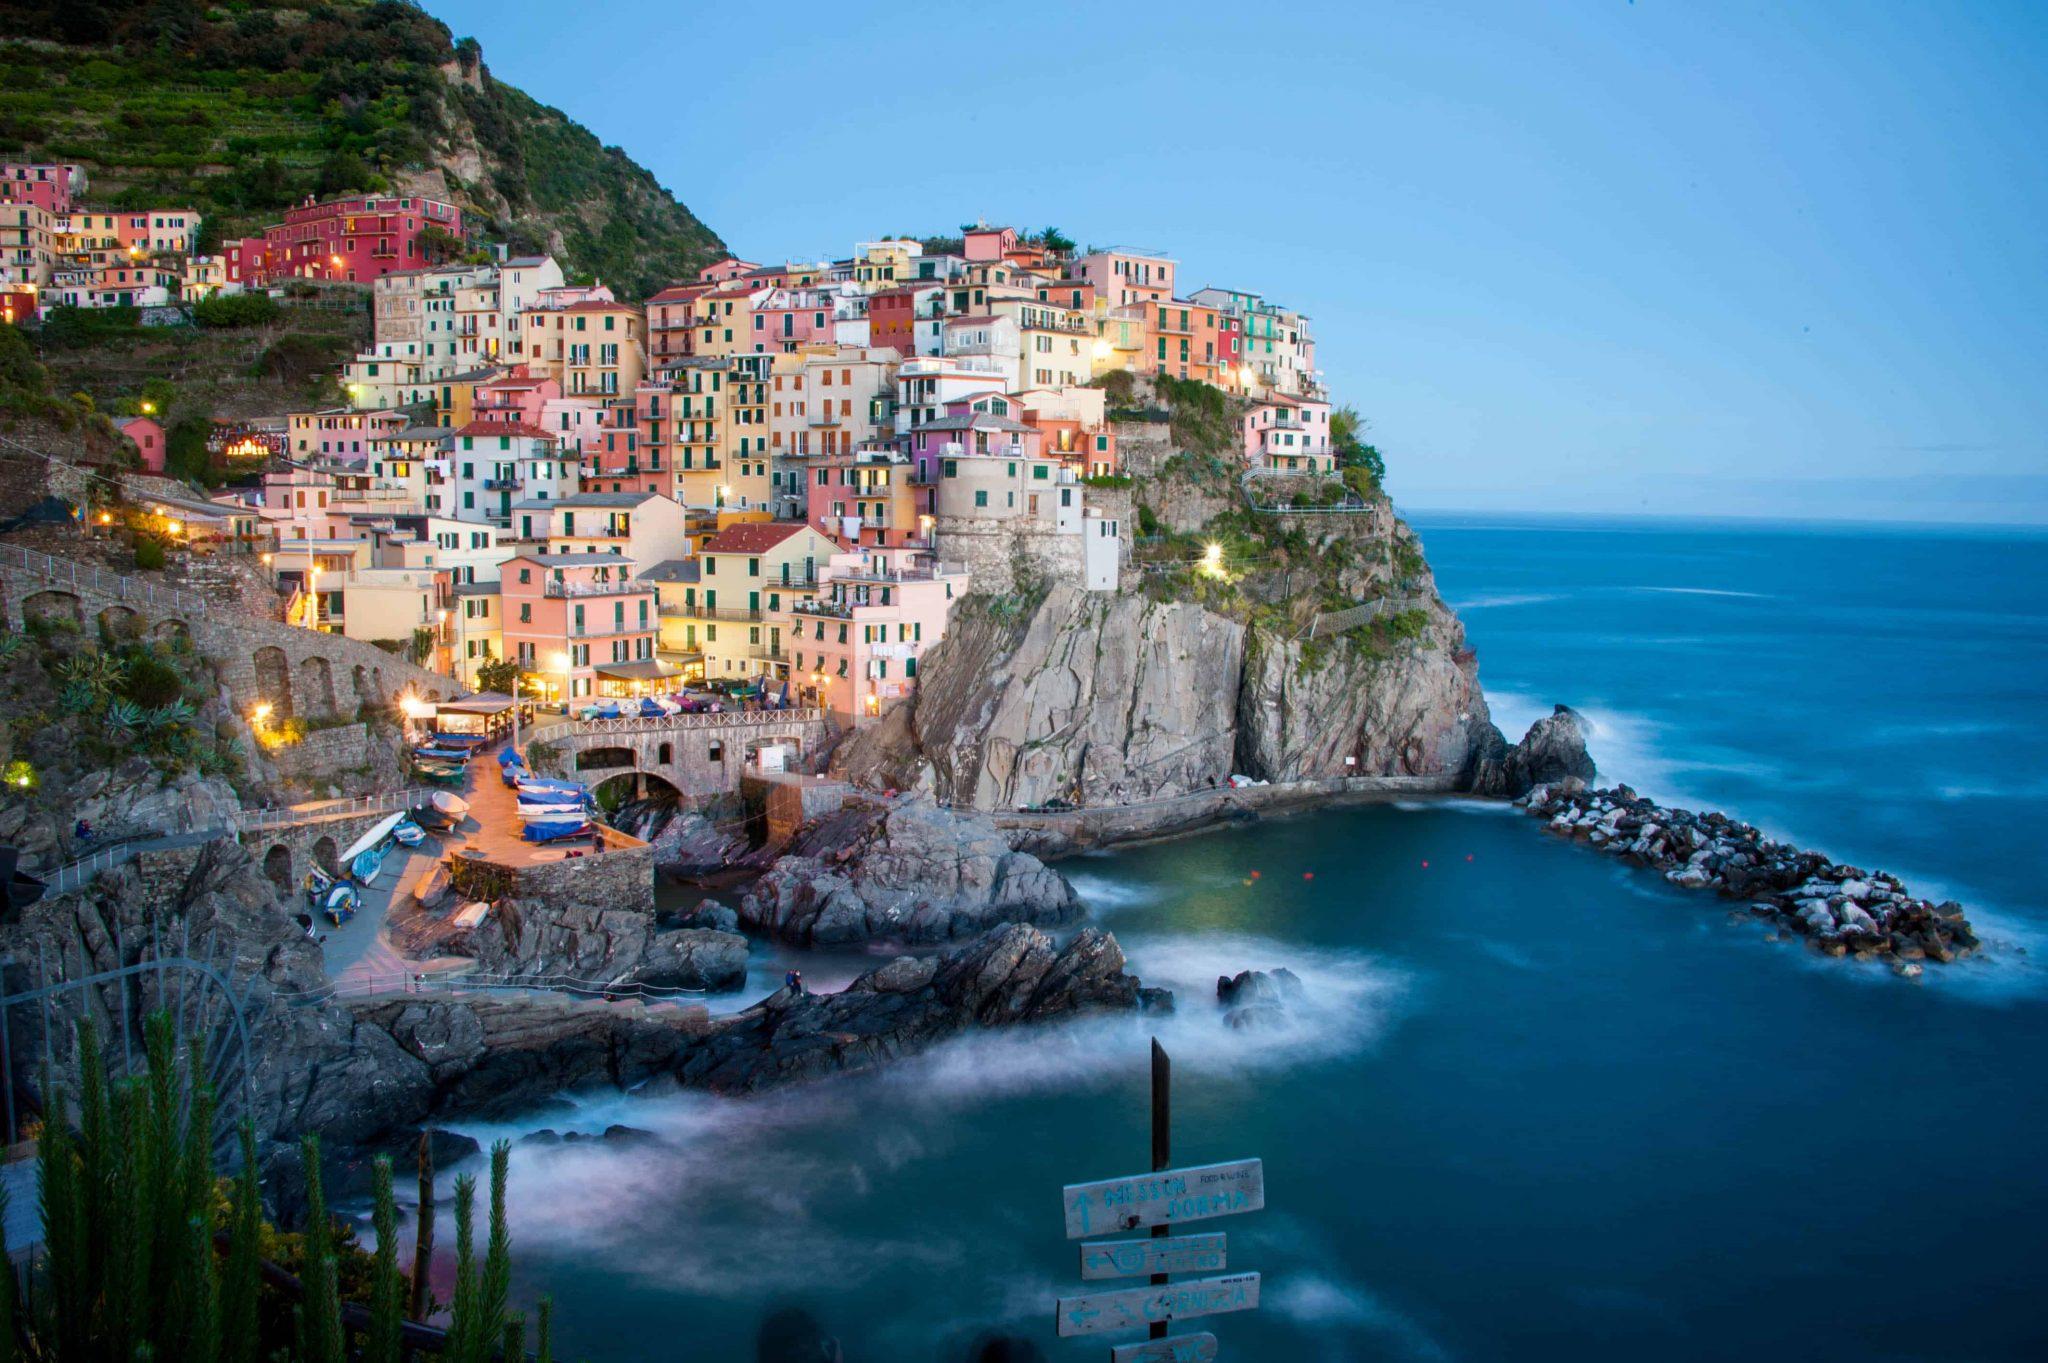 visitar cinque terre itália